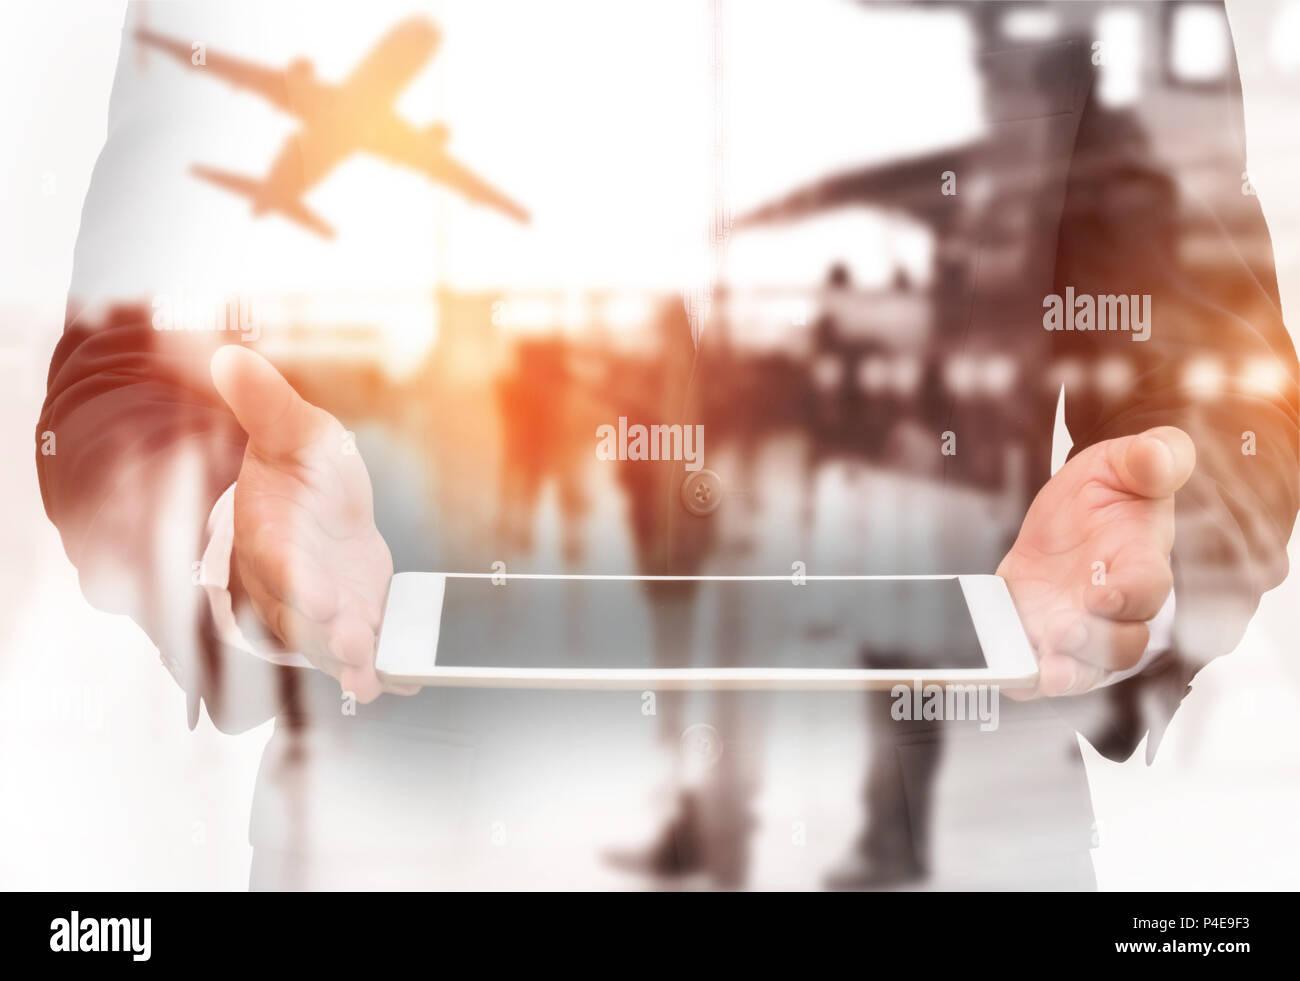 Doble exposición holding empresario tablet en mano con antecedentes aeropuerto terminal borrosa. Transporte y Viajes aerolínea concepto. Imagen De Stock